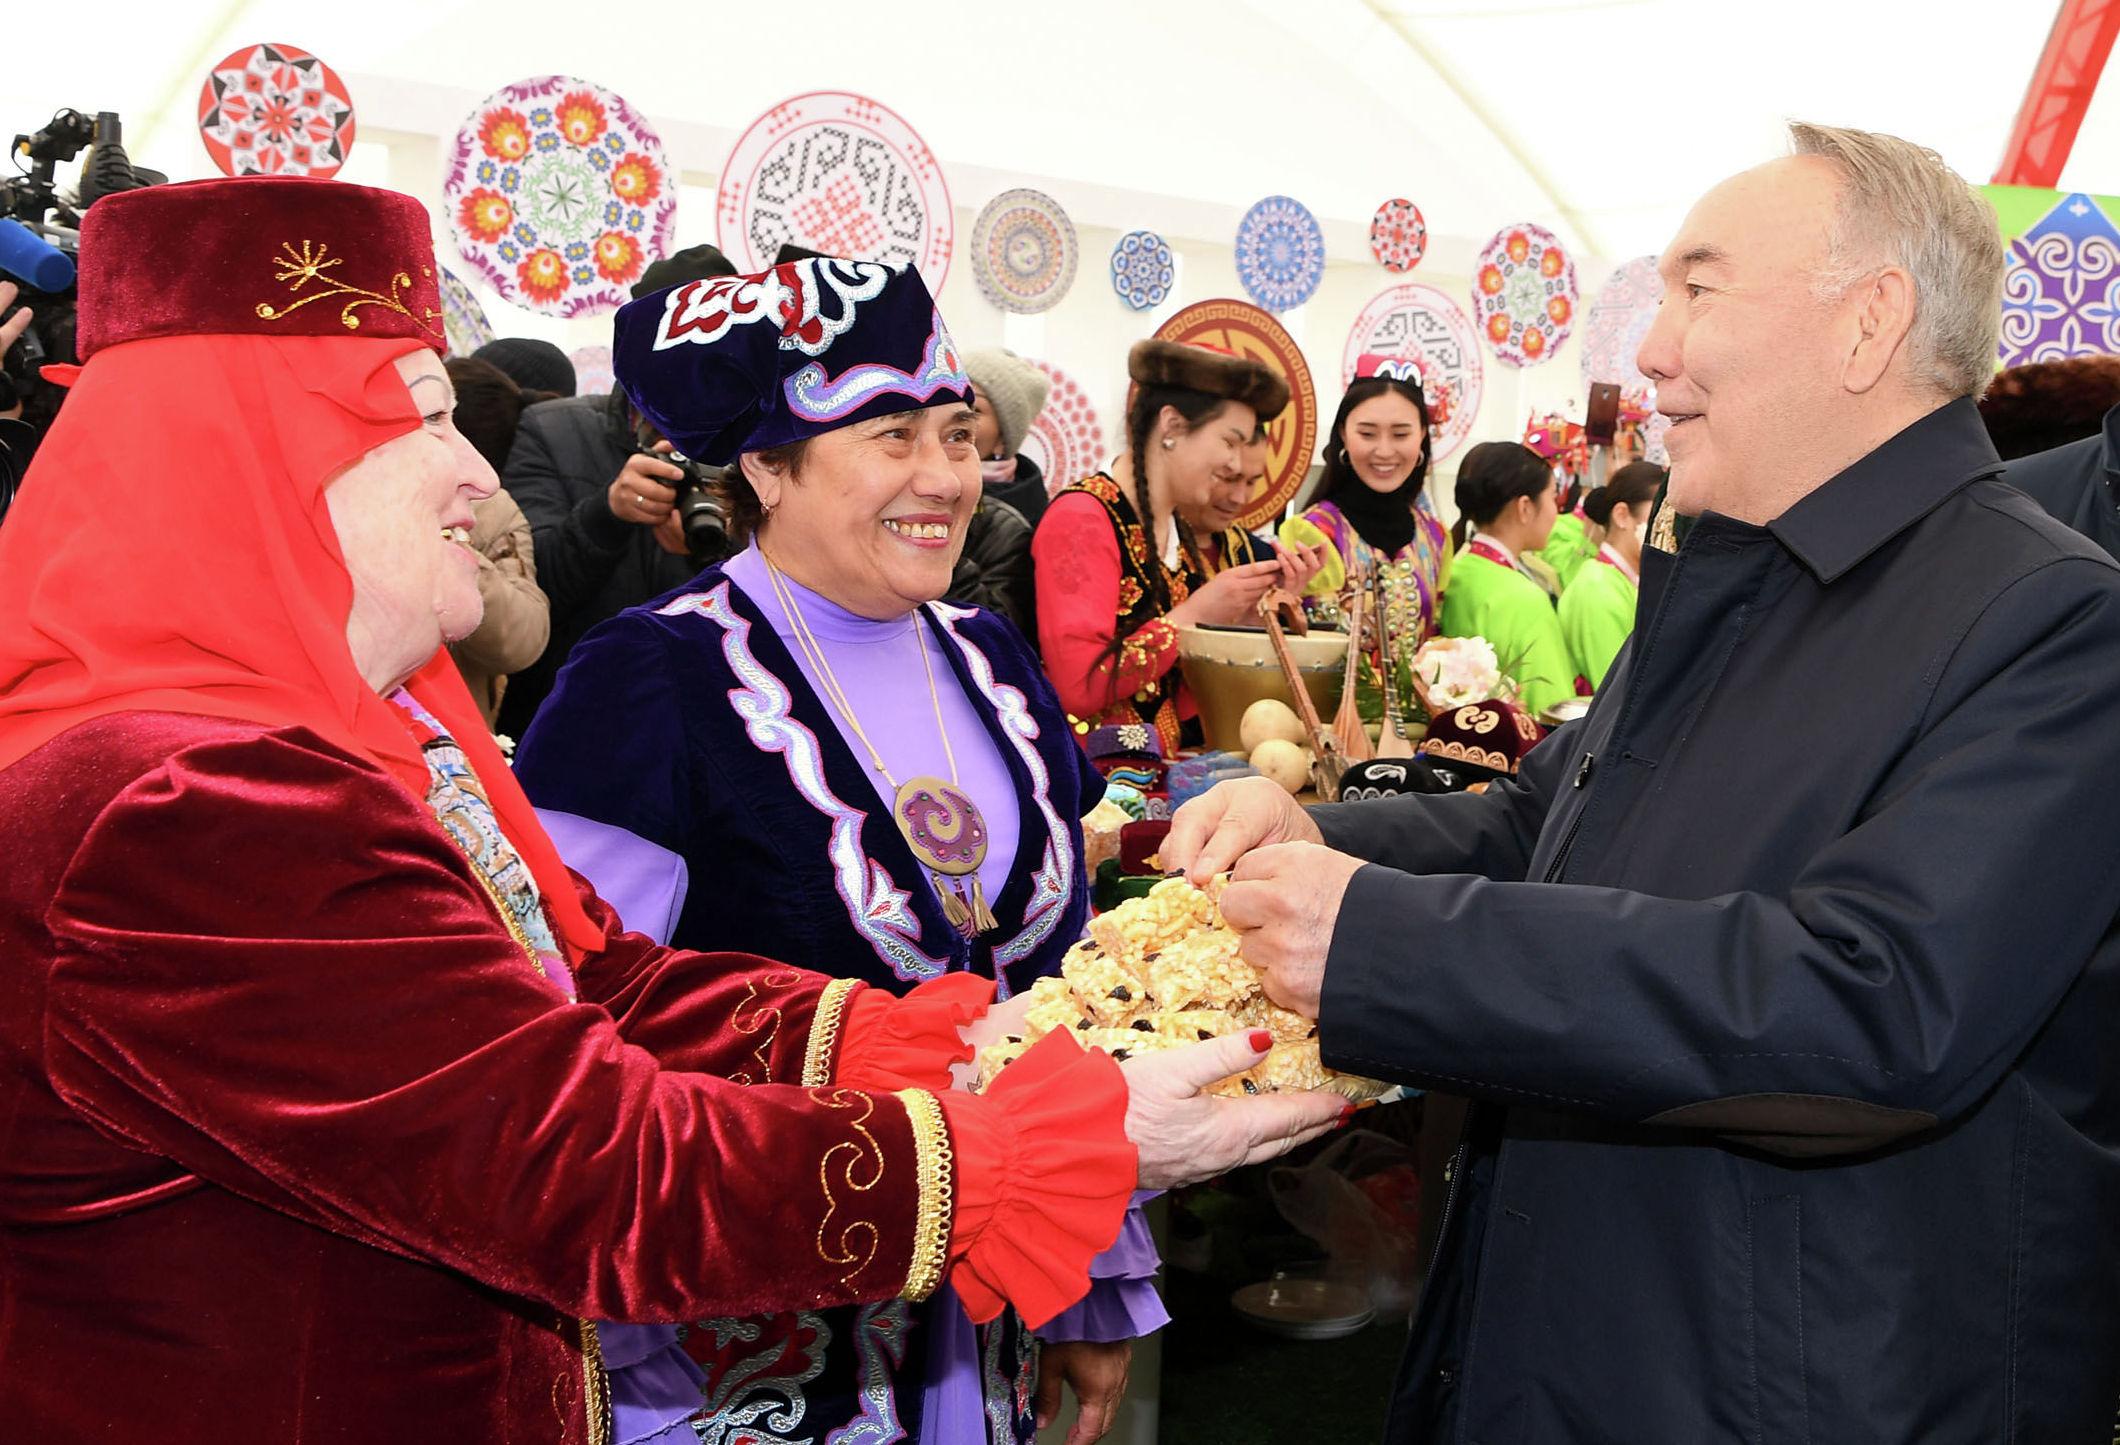 Елбасы Нурсултан Назарбаев посетил народные гуляния по случаю празднования Дня единства народа Казахстана